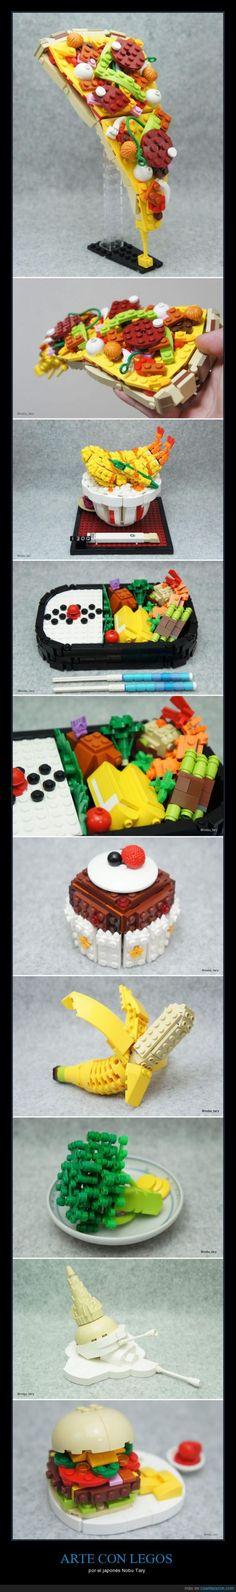 ARTE CON LEGOS - por el japonés Nobu Tary   Gracias a http://www.cuantarazon.com/   Si quieres leer la noticia completa visita: http://www.estoy-aburrido.com/arte-con-legos-por-el-japones-nobu-tary/